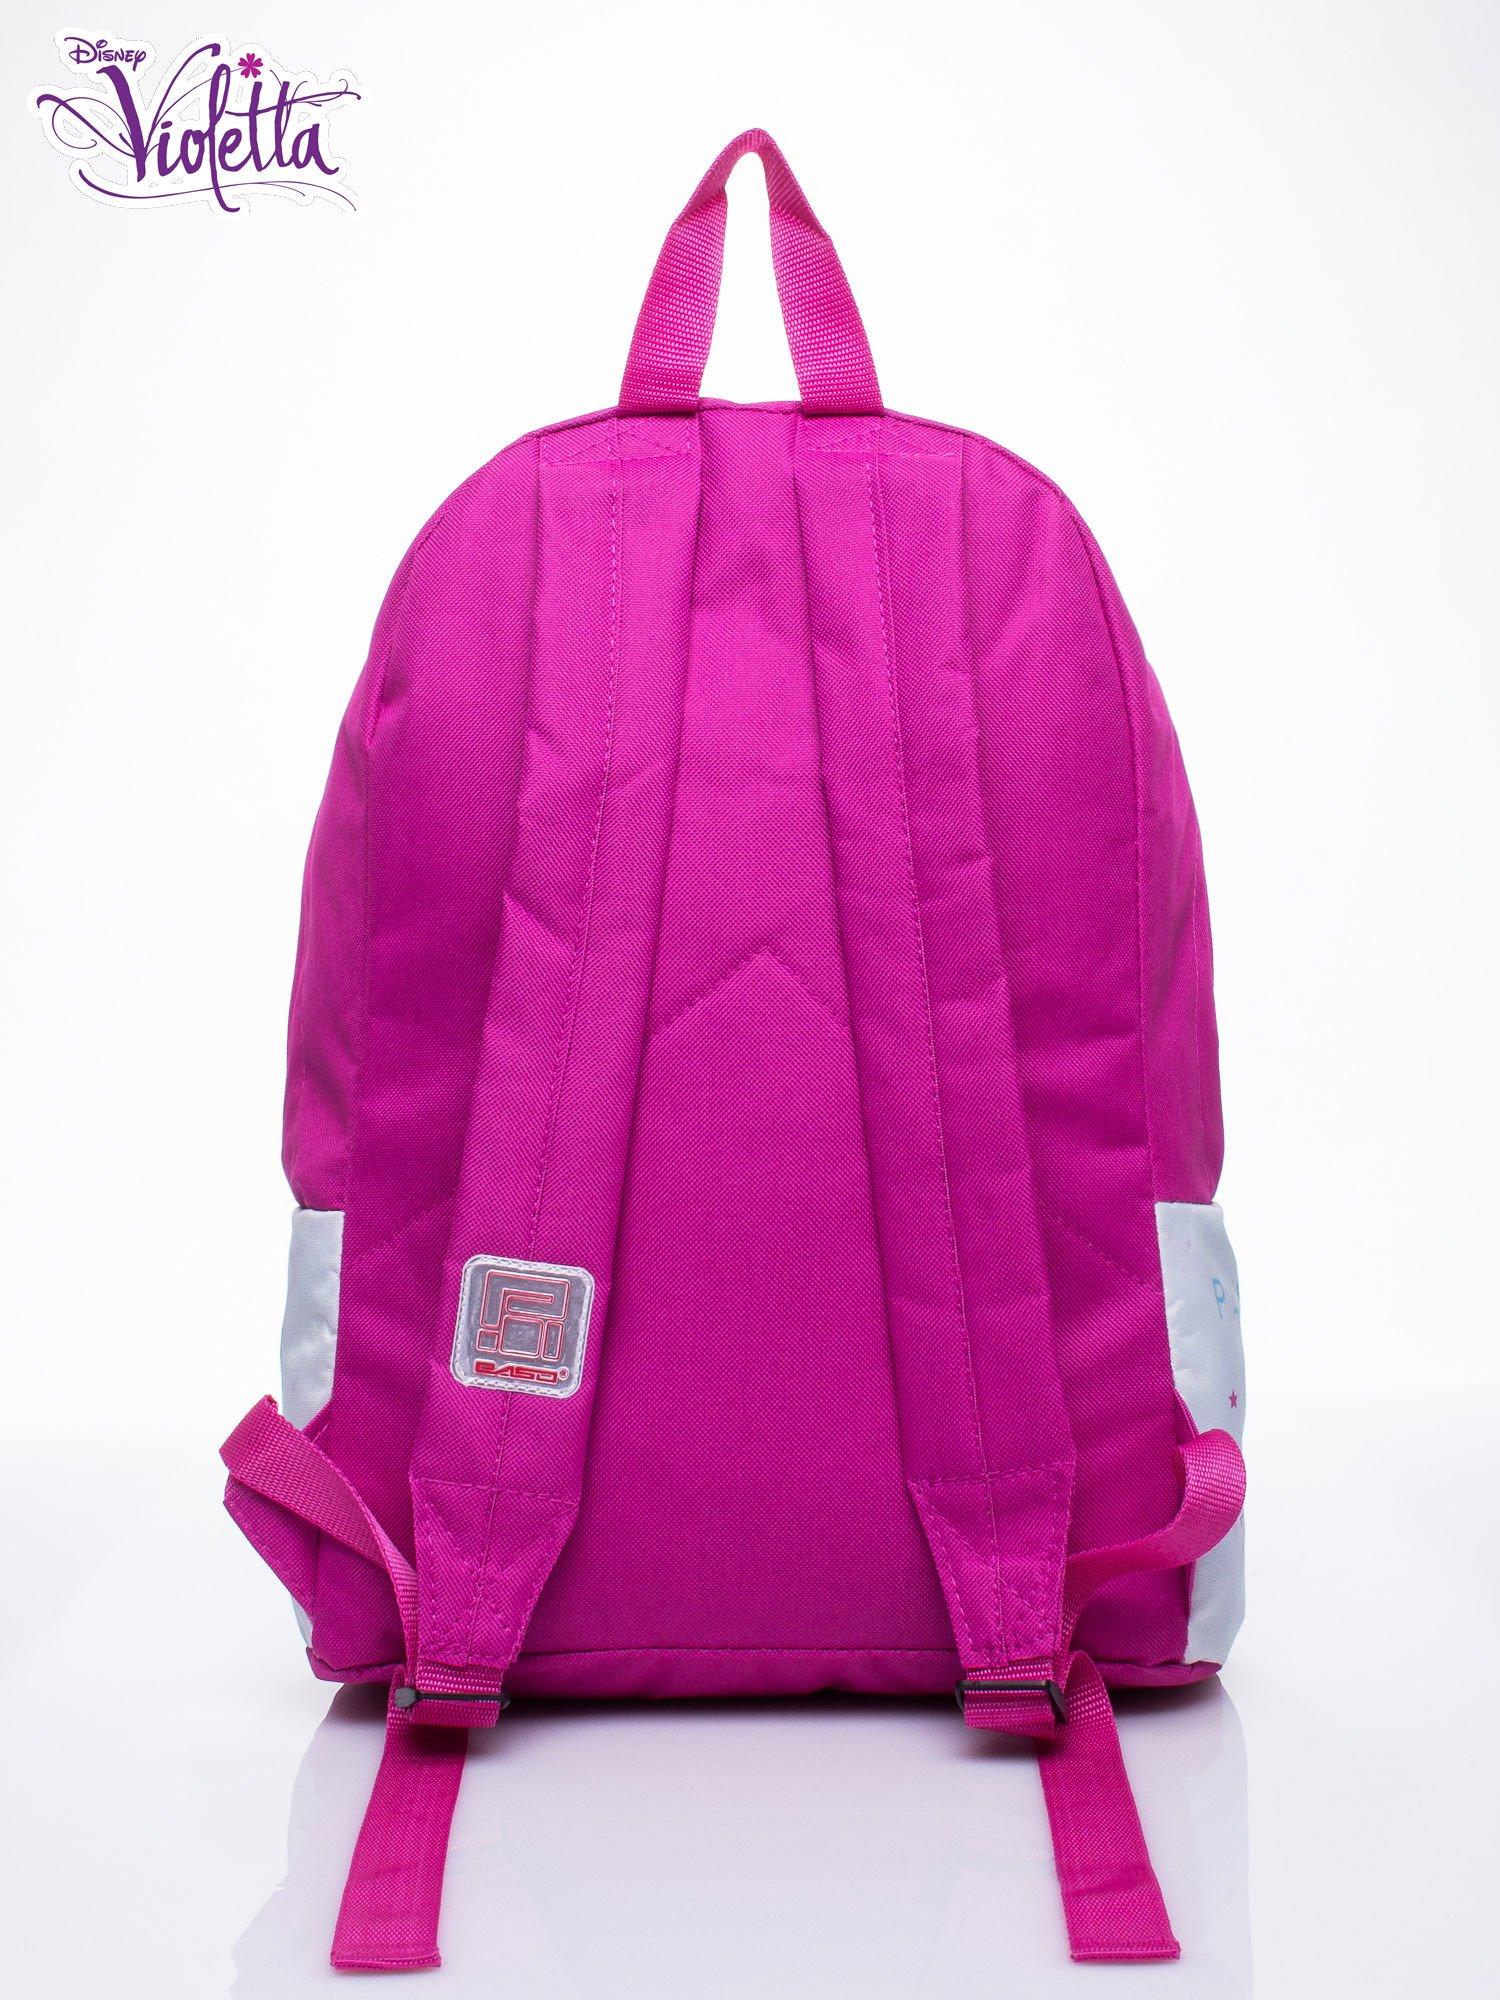 Różowy plecak szkolny DISNEY Violetta                                  zdj.                                  3